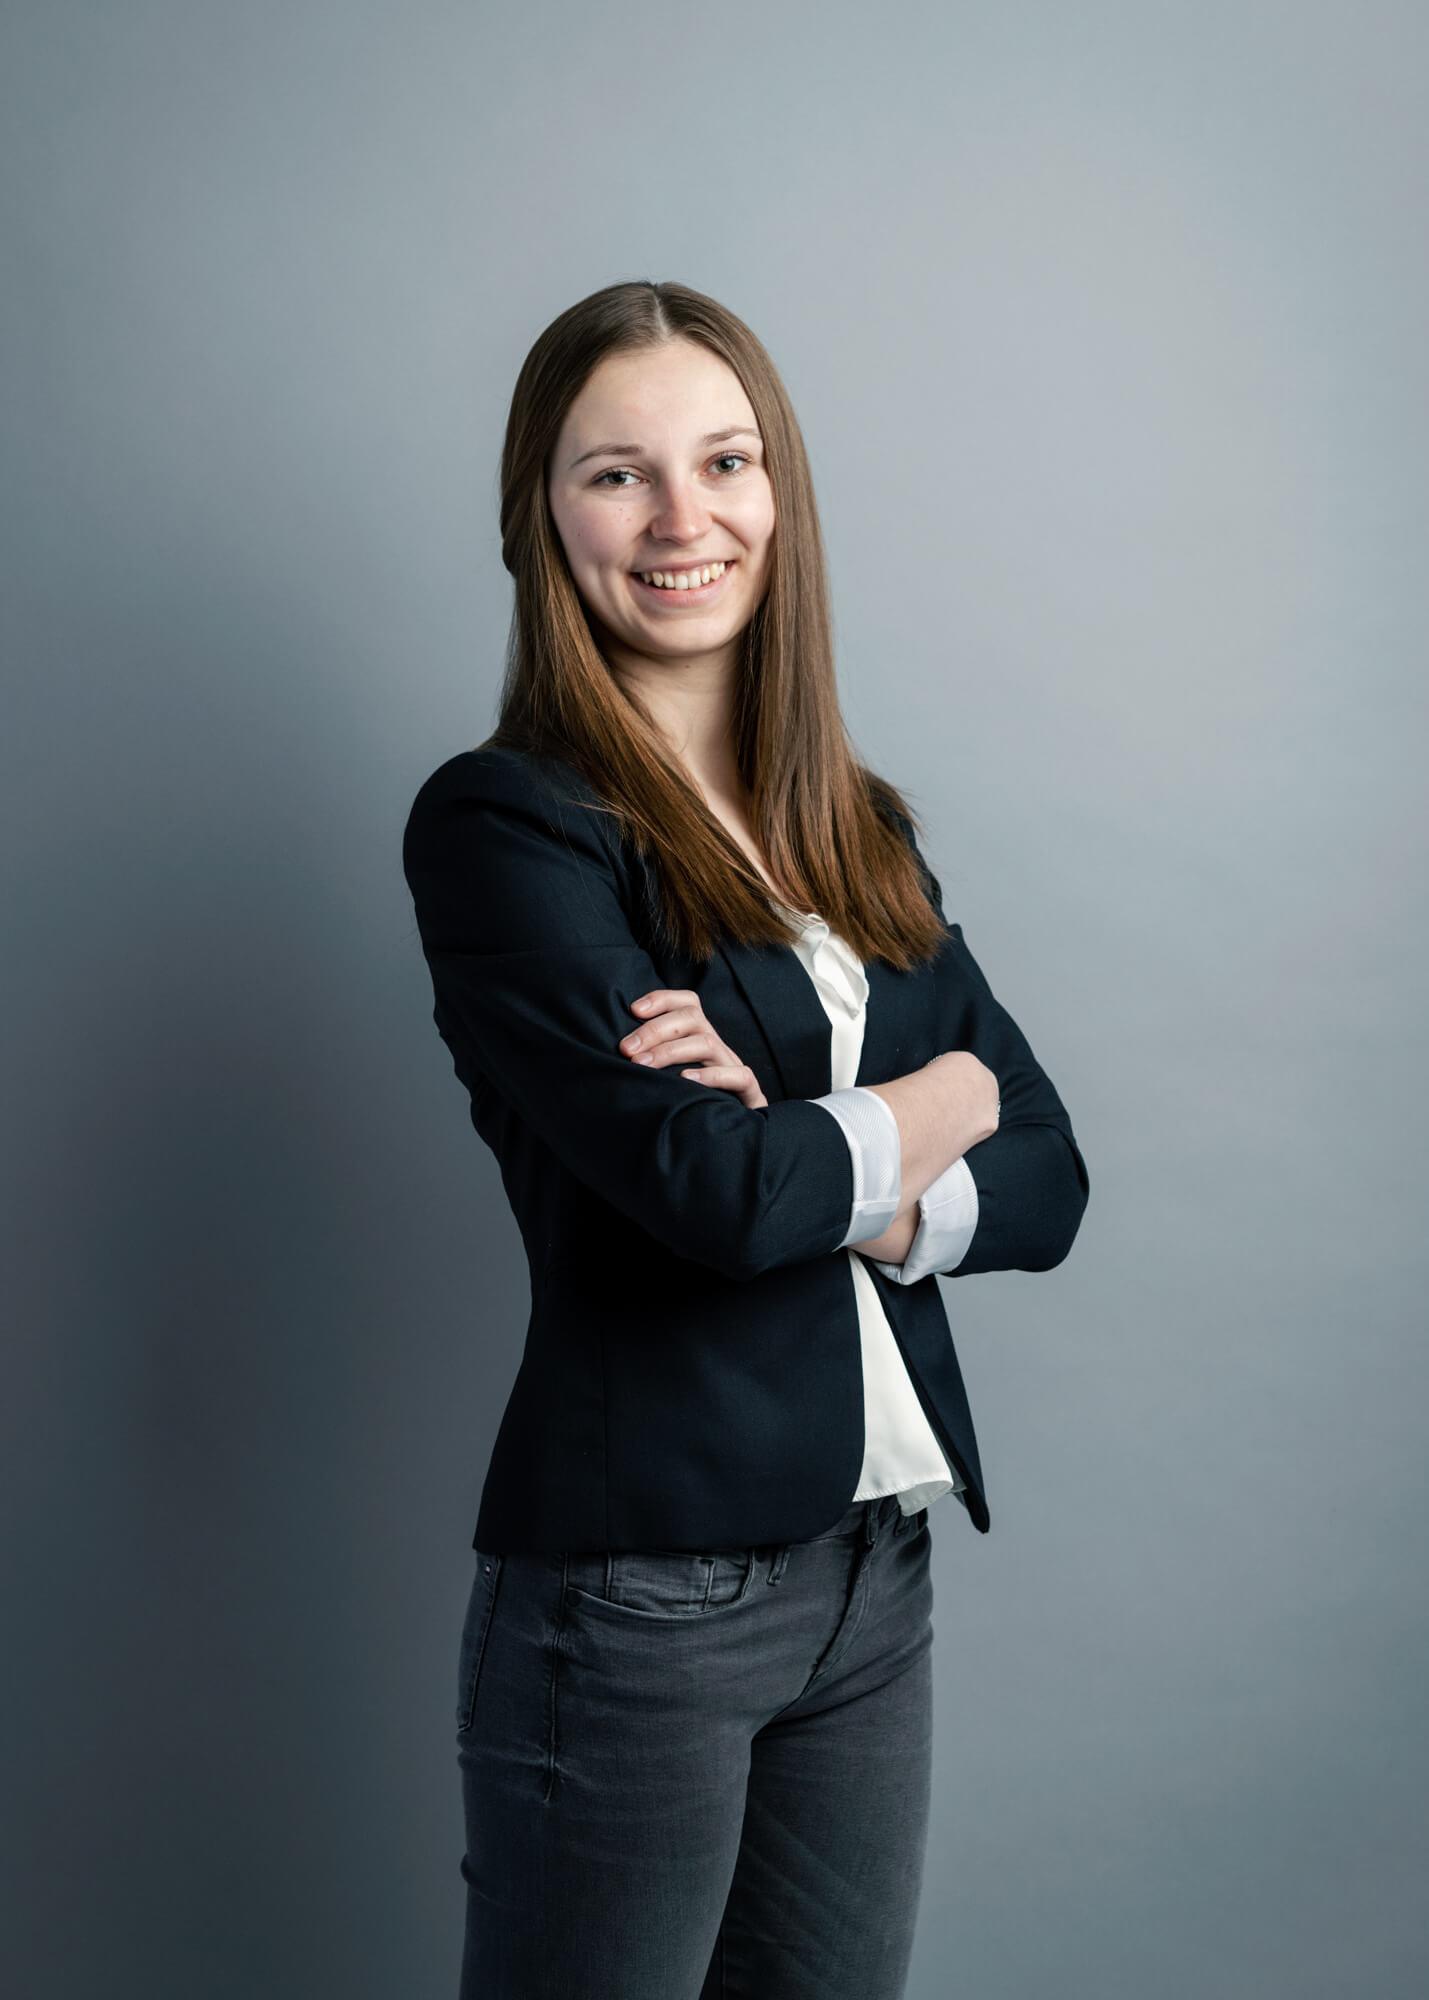 Stefanie Luckerbauer